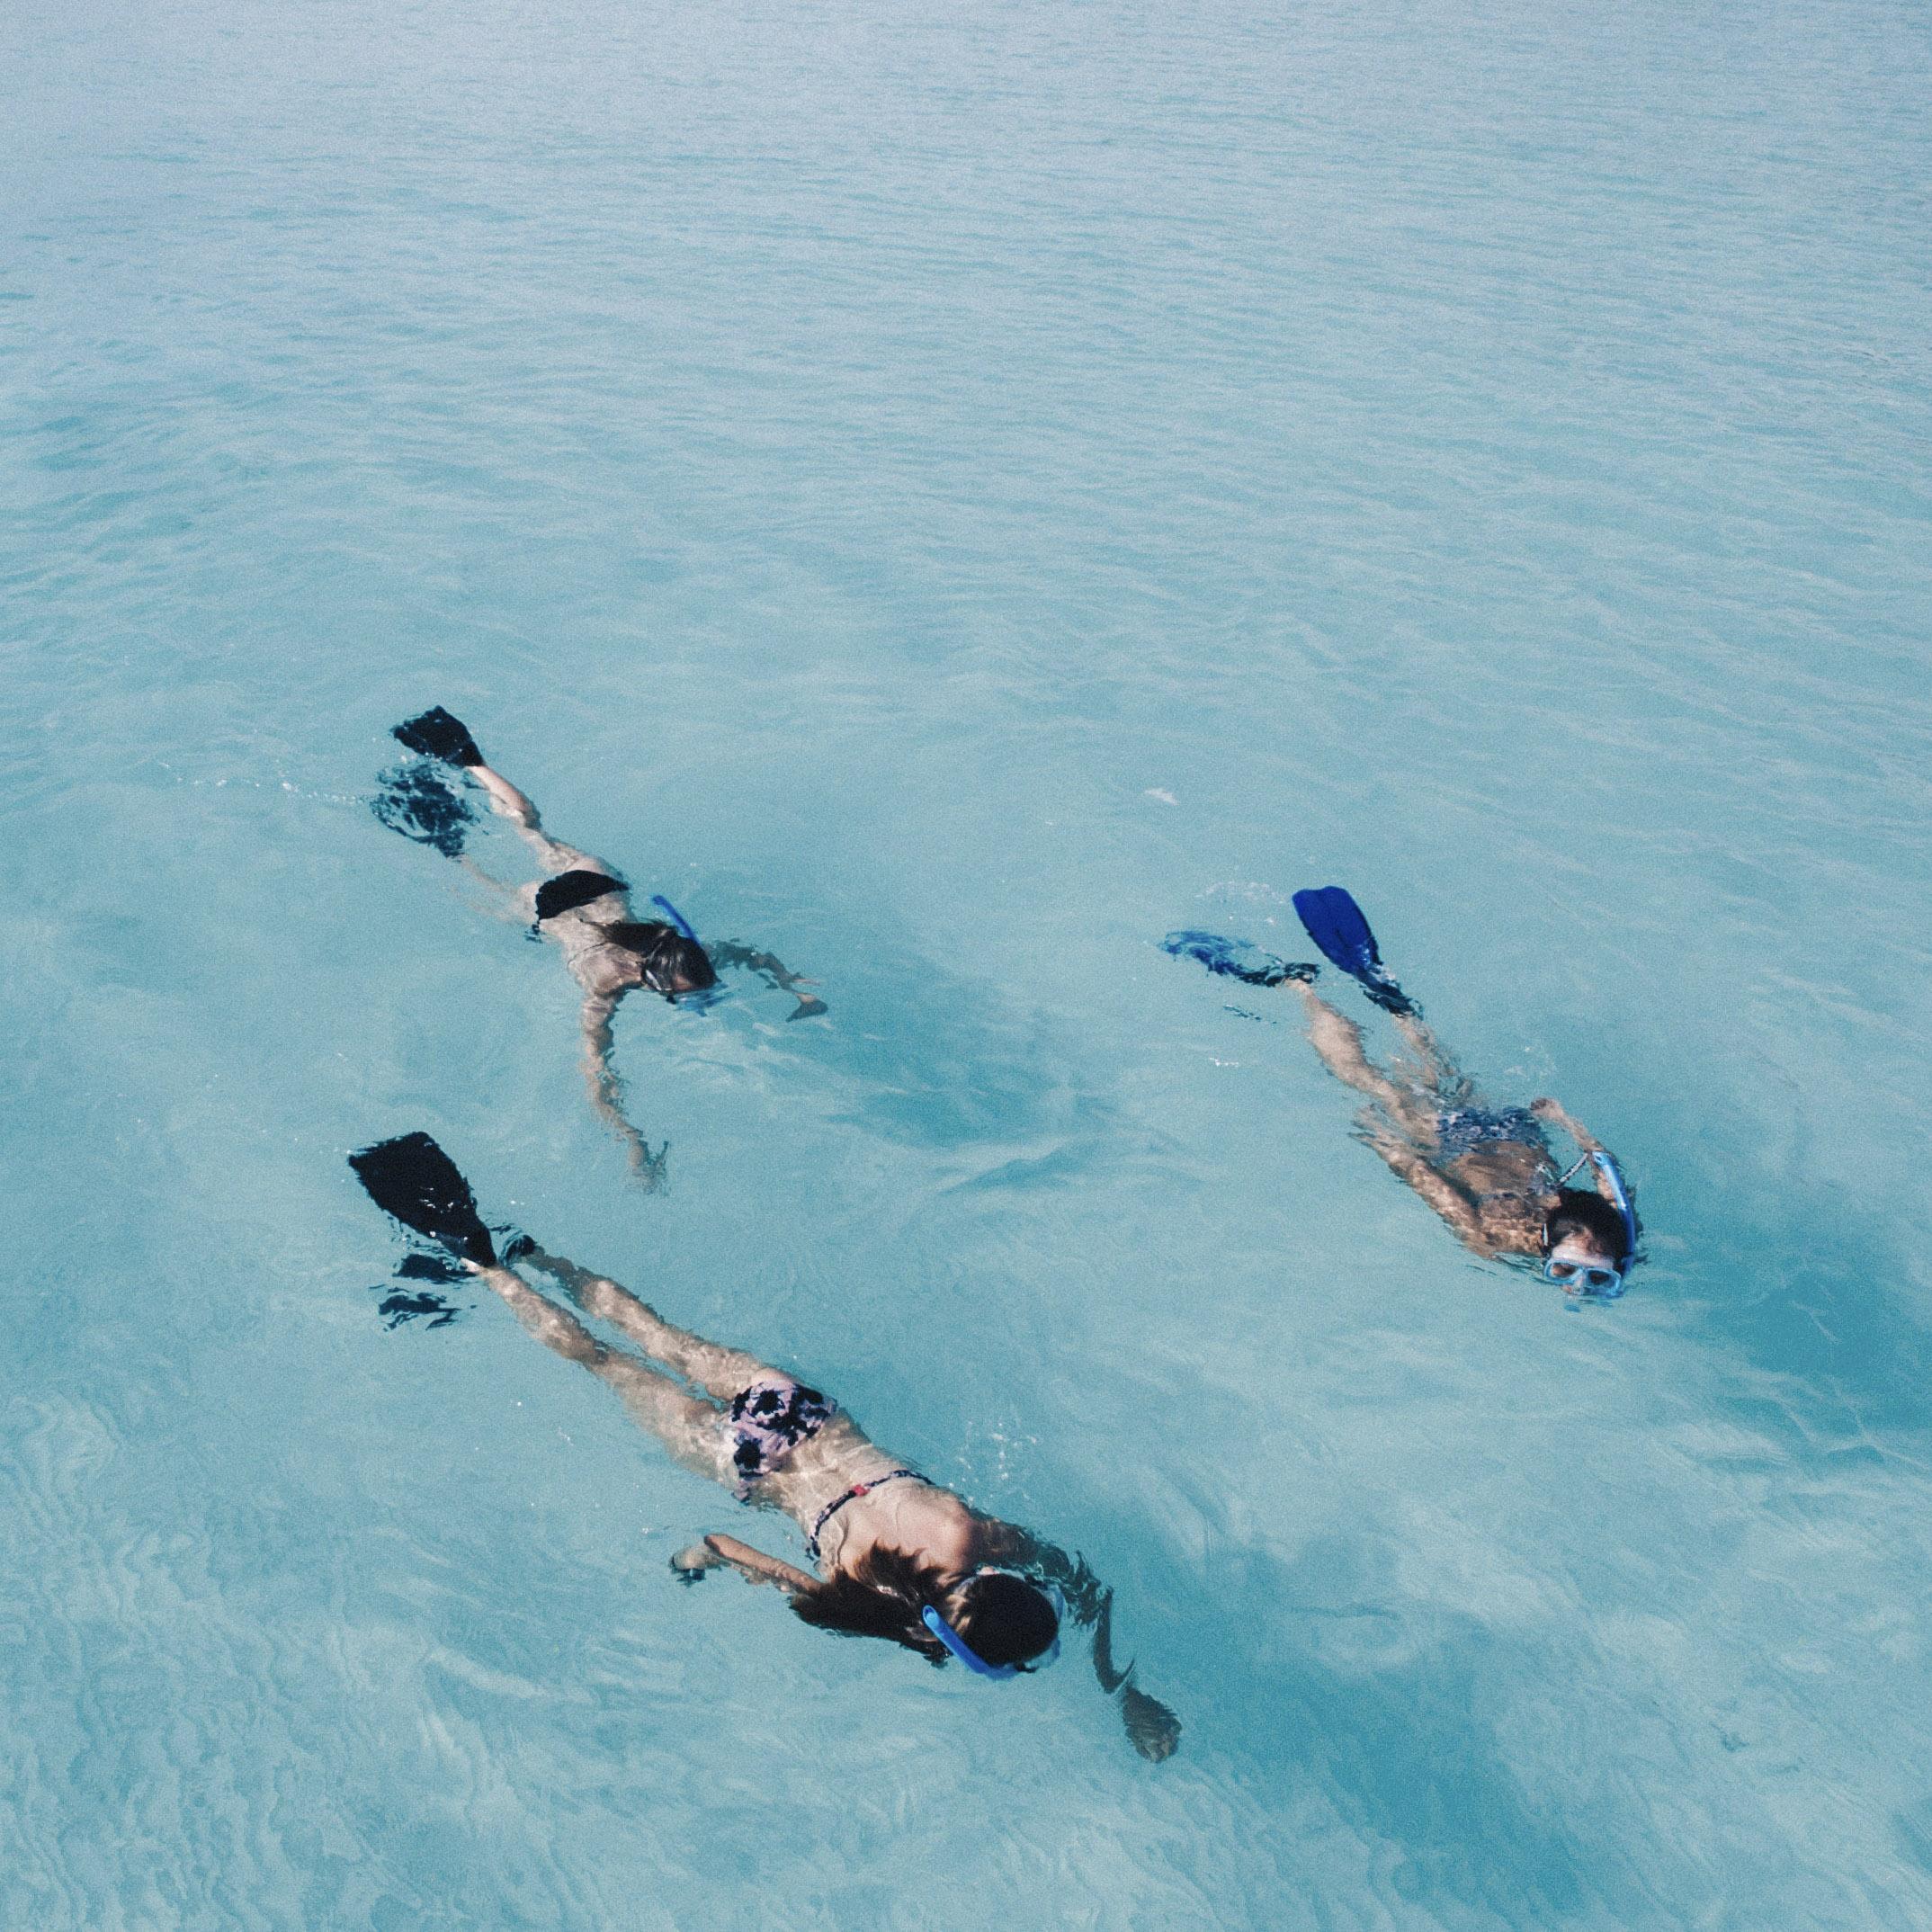 Drei Personen beim Schnorcheln in Kuba